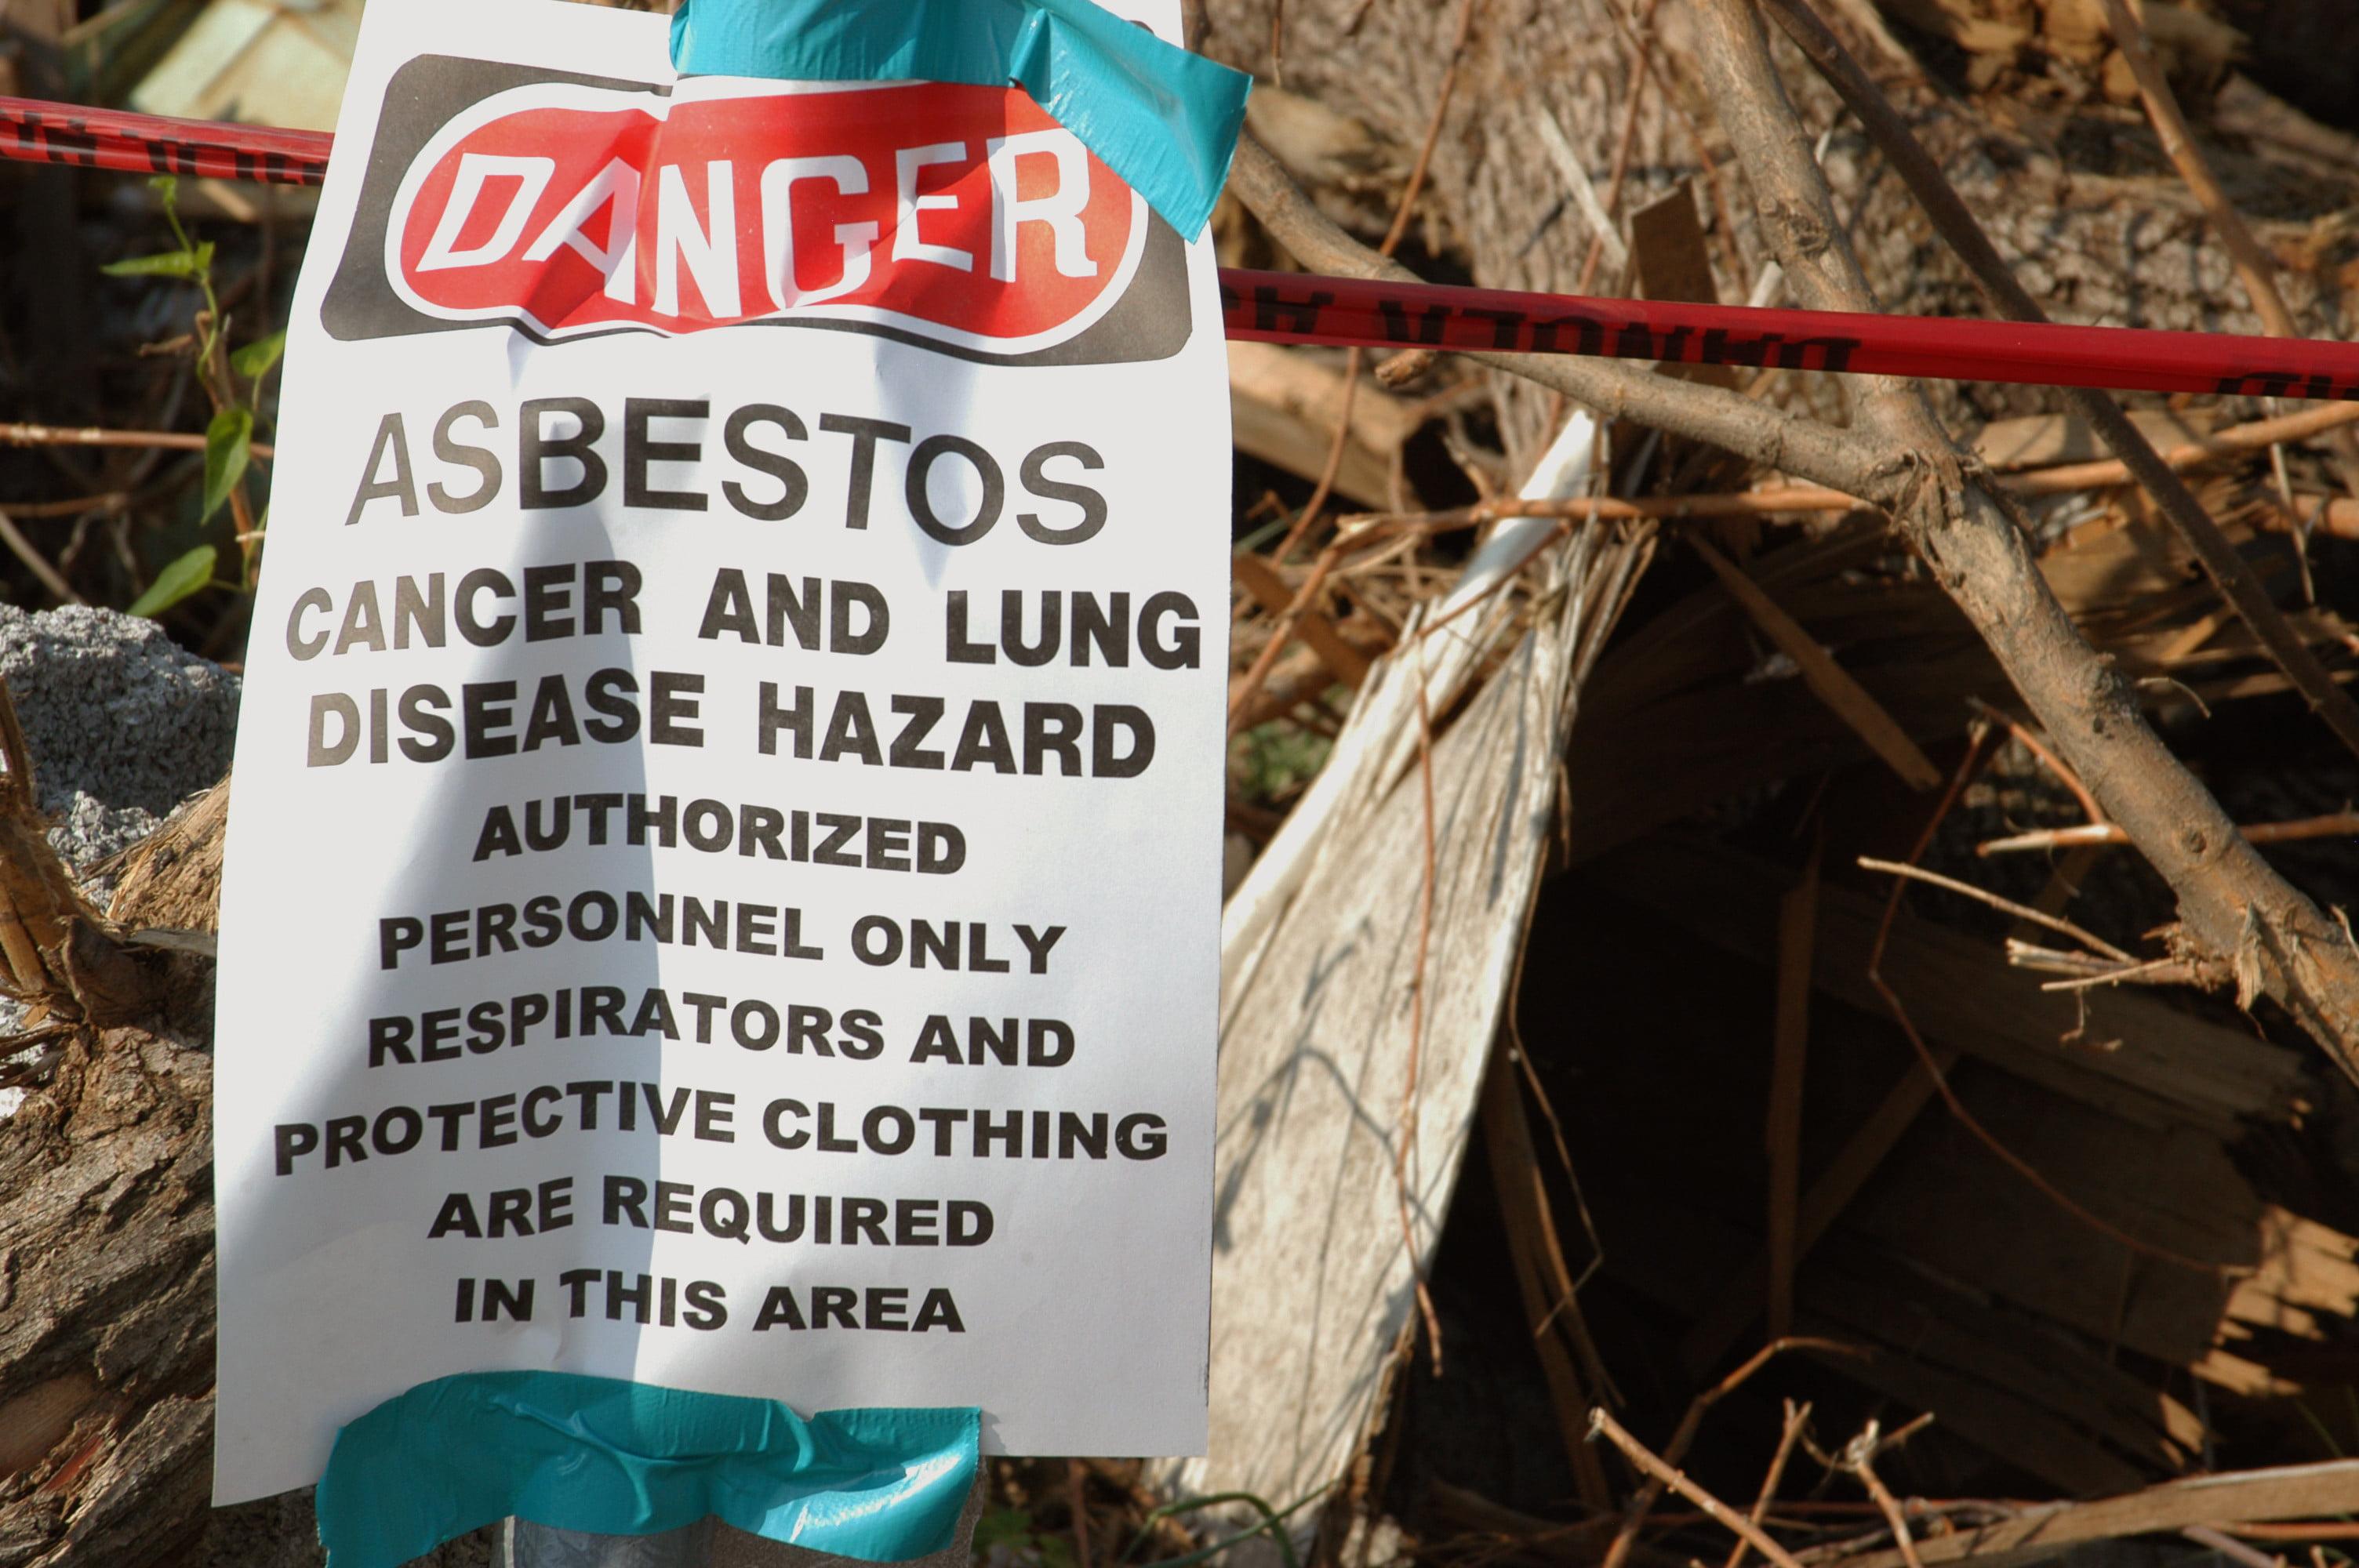 Crews remove asbestos debris